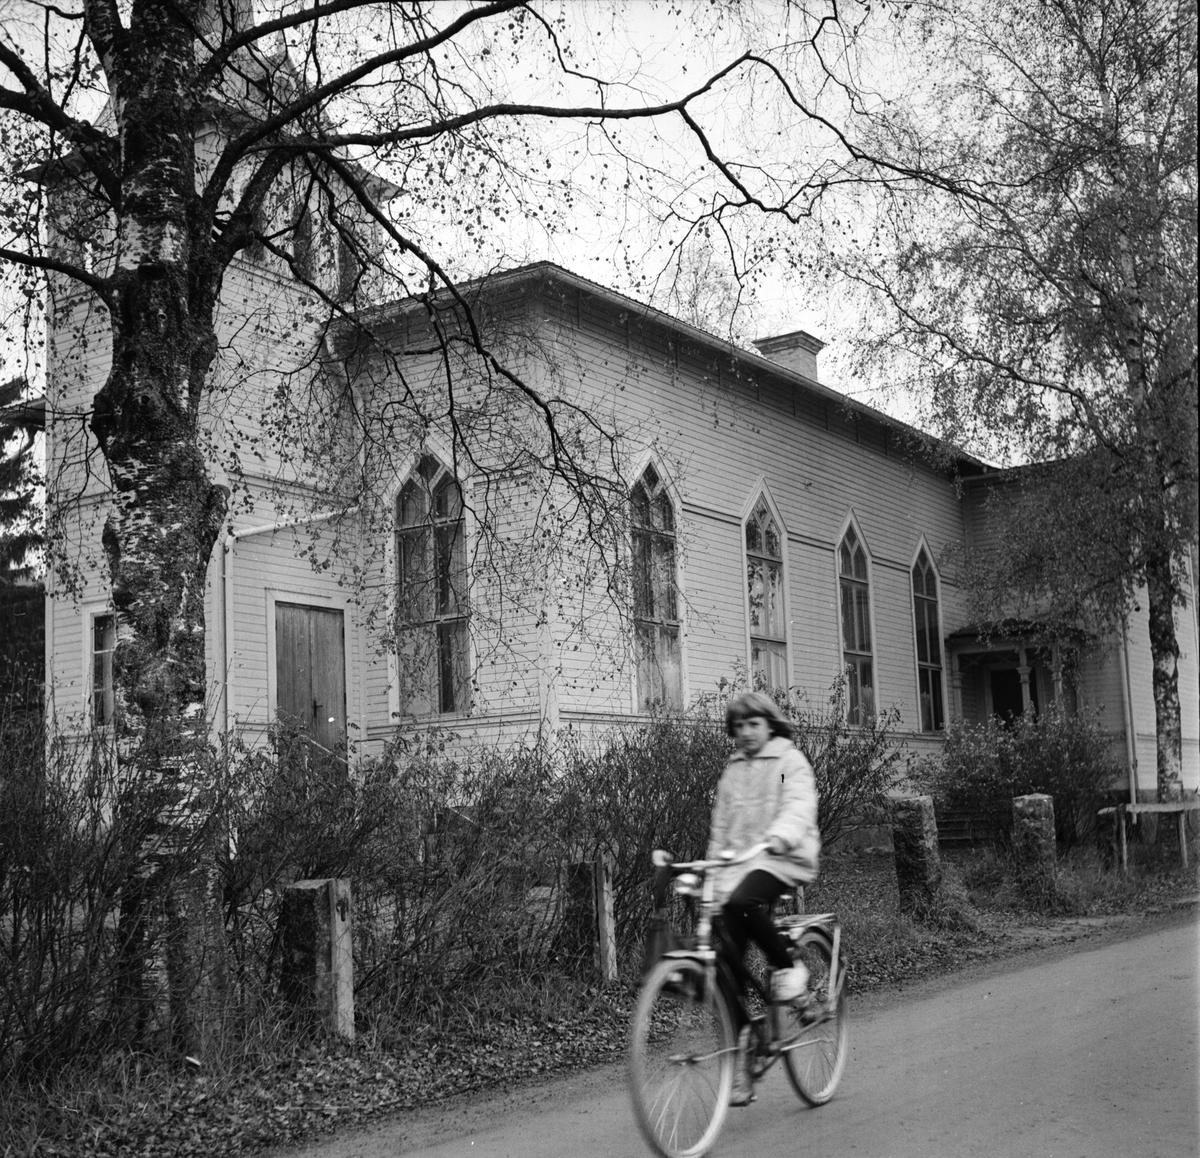 Långhed, IOGT-lokalen blev Smyrna-lokal, 7 Okt 1966